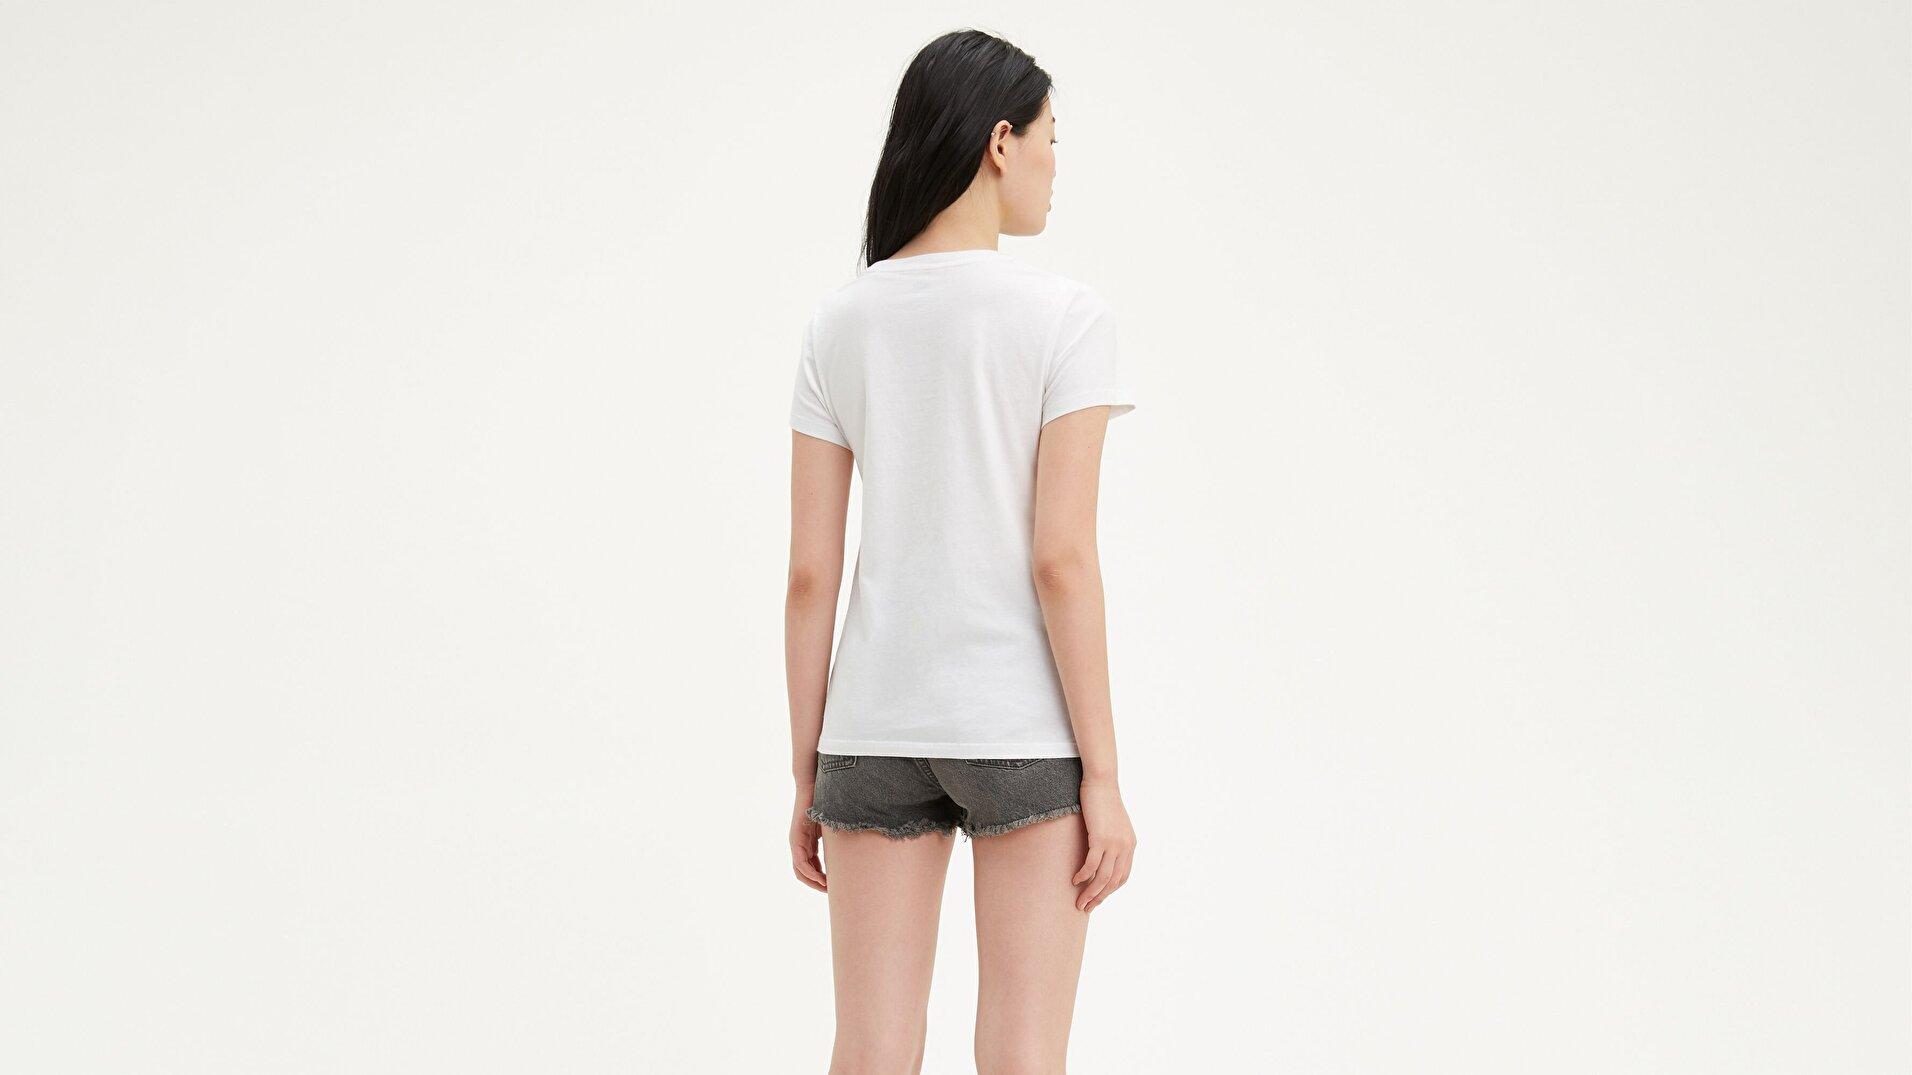 The Perfect Tee Cali Sportswear Beyaz Kadın Tişört